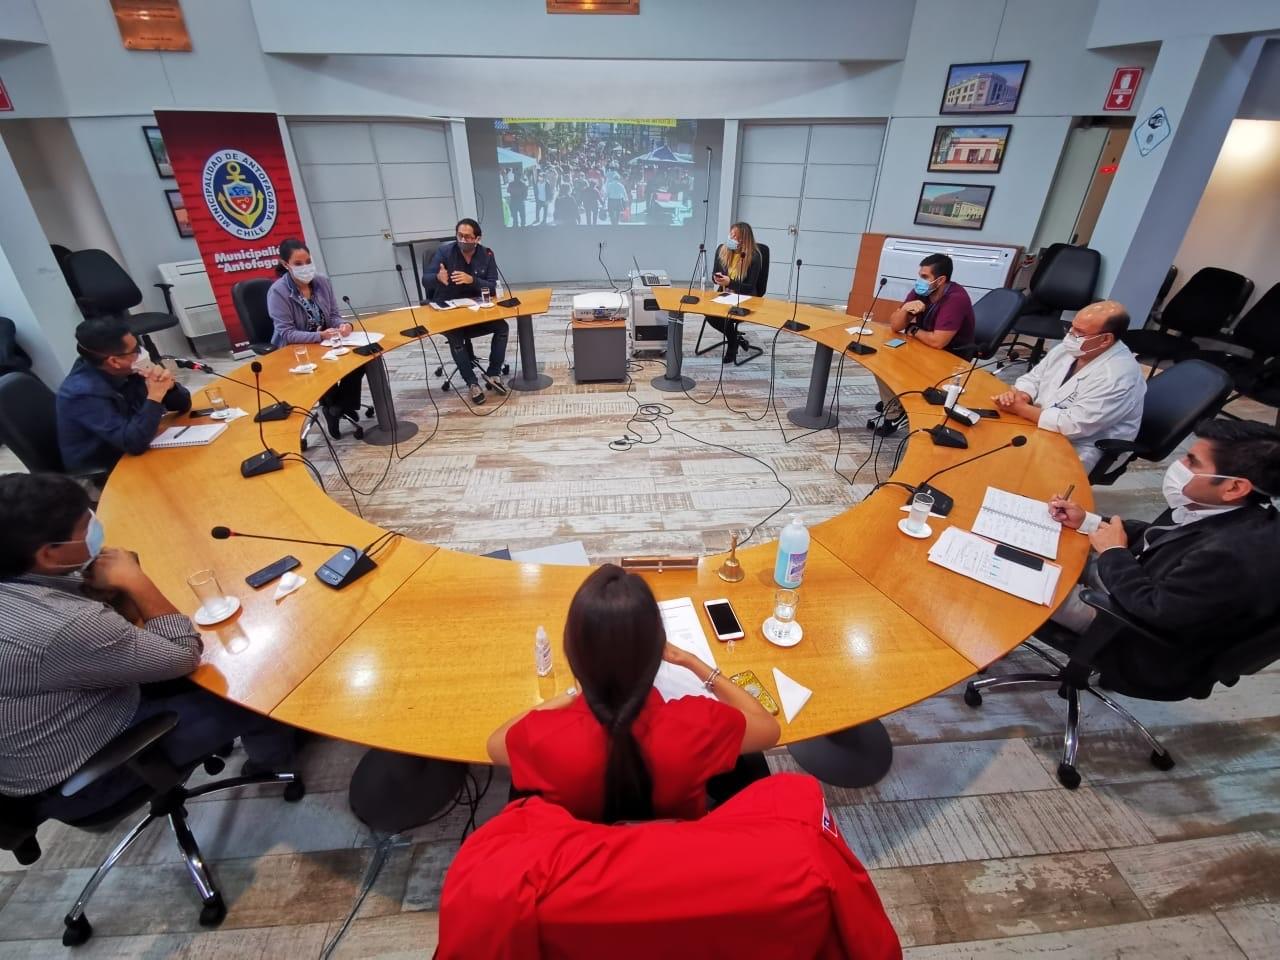 REPRESENTANTES DE LA SALUD PRIMARIA, SECUNDARIA, MUNDO UNIVERSITARIO Y COLEGIO MÉDICO CONFORMARON EL PRIMER CONSEJO COMUNAL ASESOR DE COVID